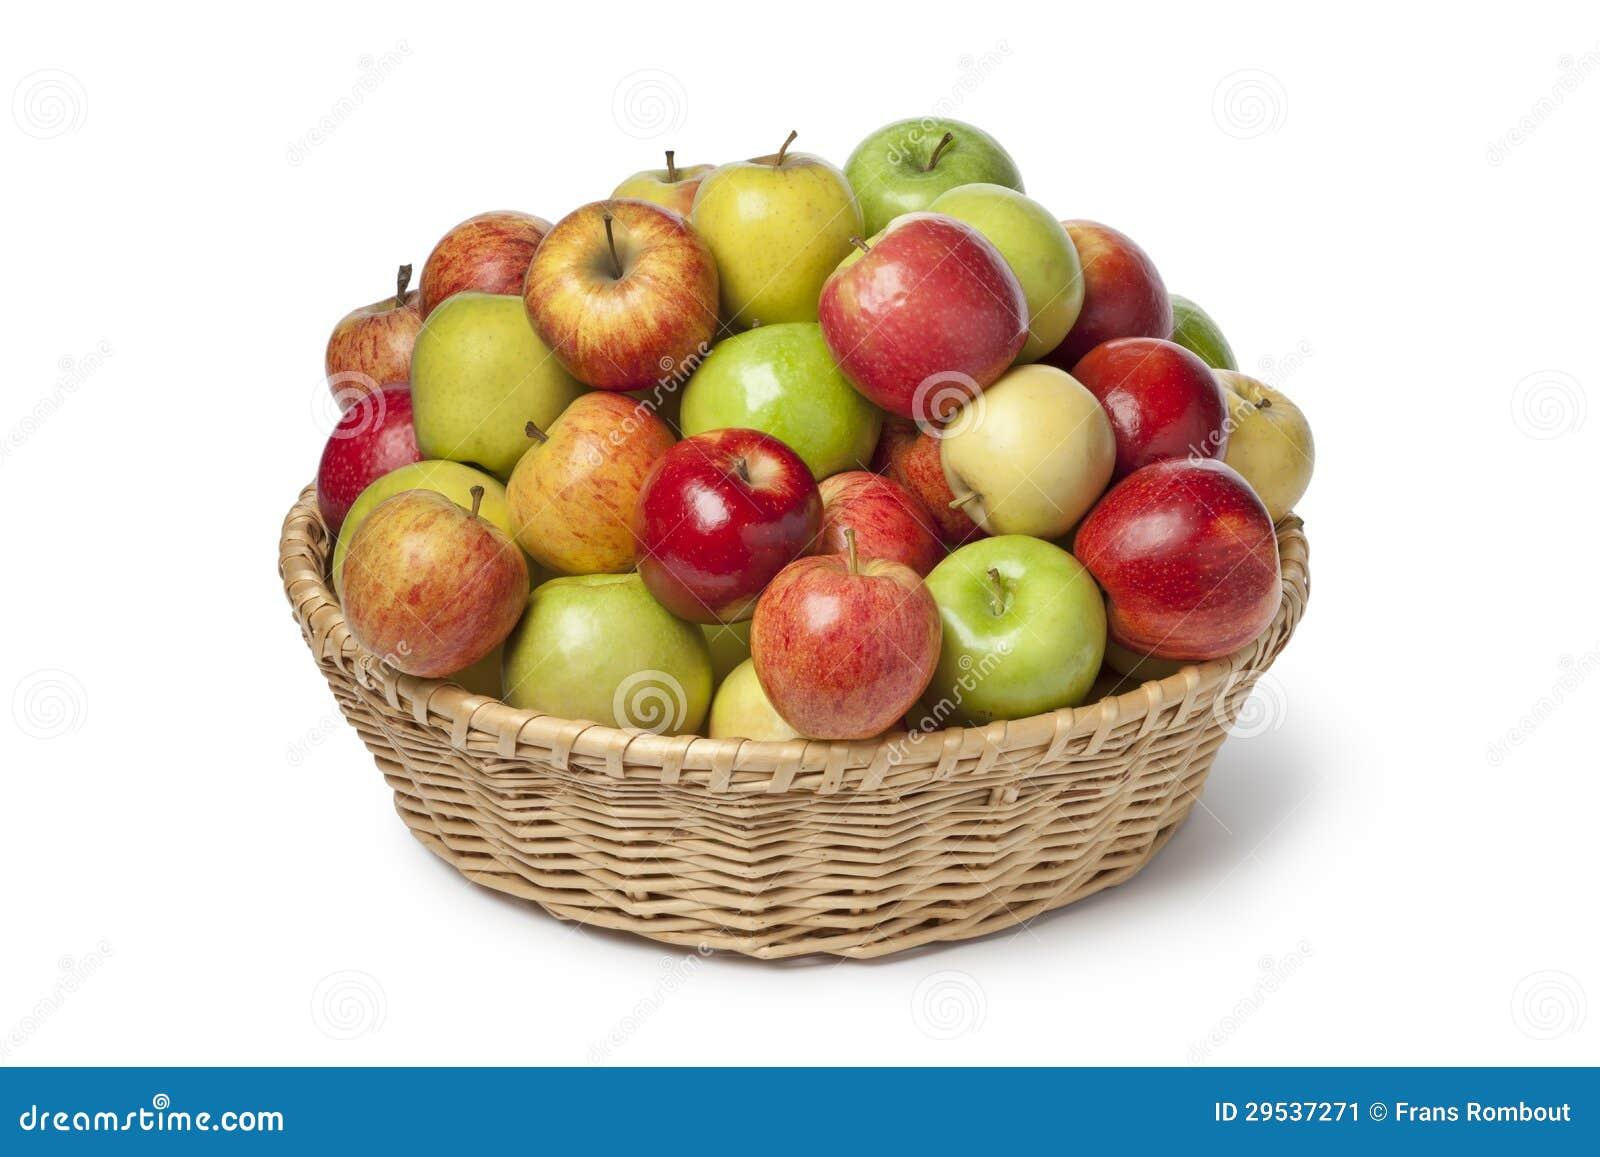 Cesta com tipos diferentes de maçãs